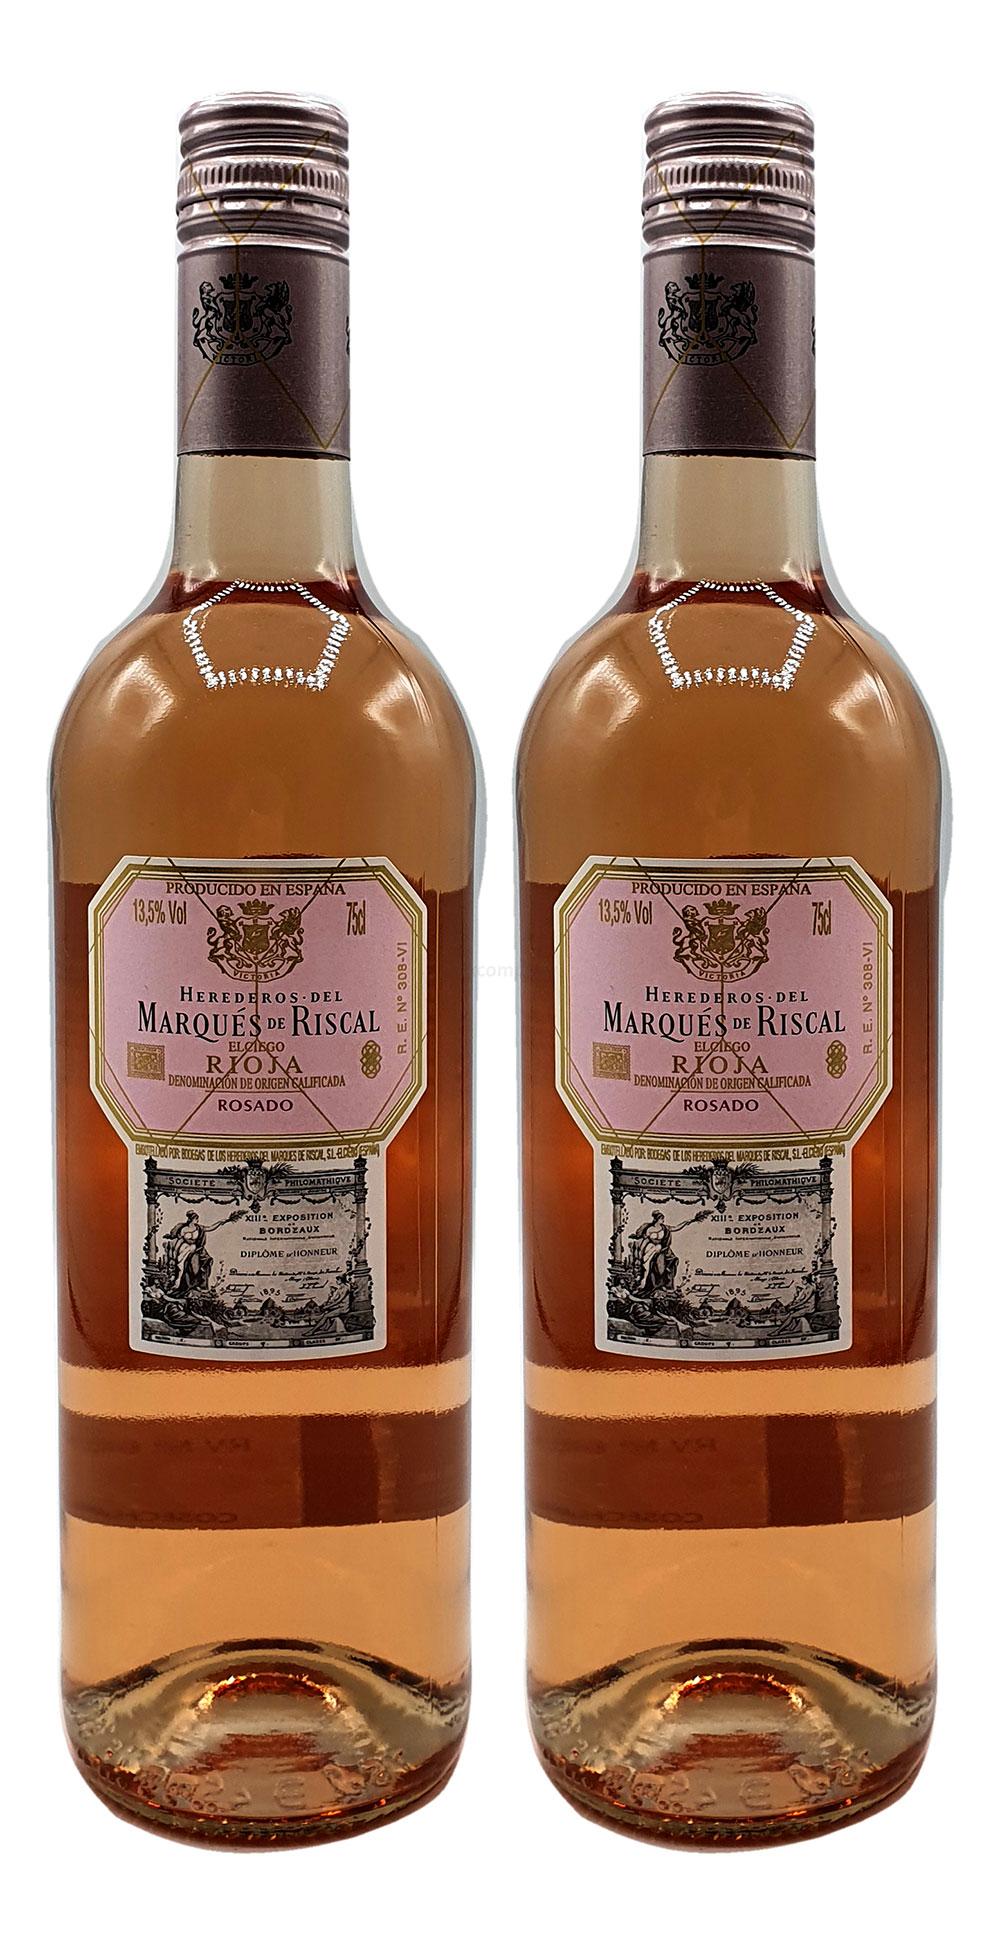 Rose Wein Set - 2x Marques de Riscal Rioja Rosado 750ml (13,5% Vol)- [Enthält Sulfite]